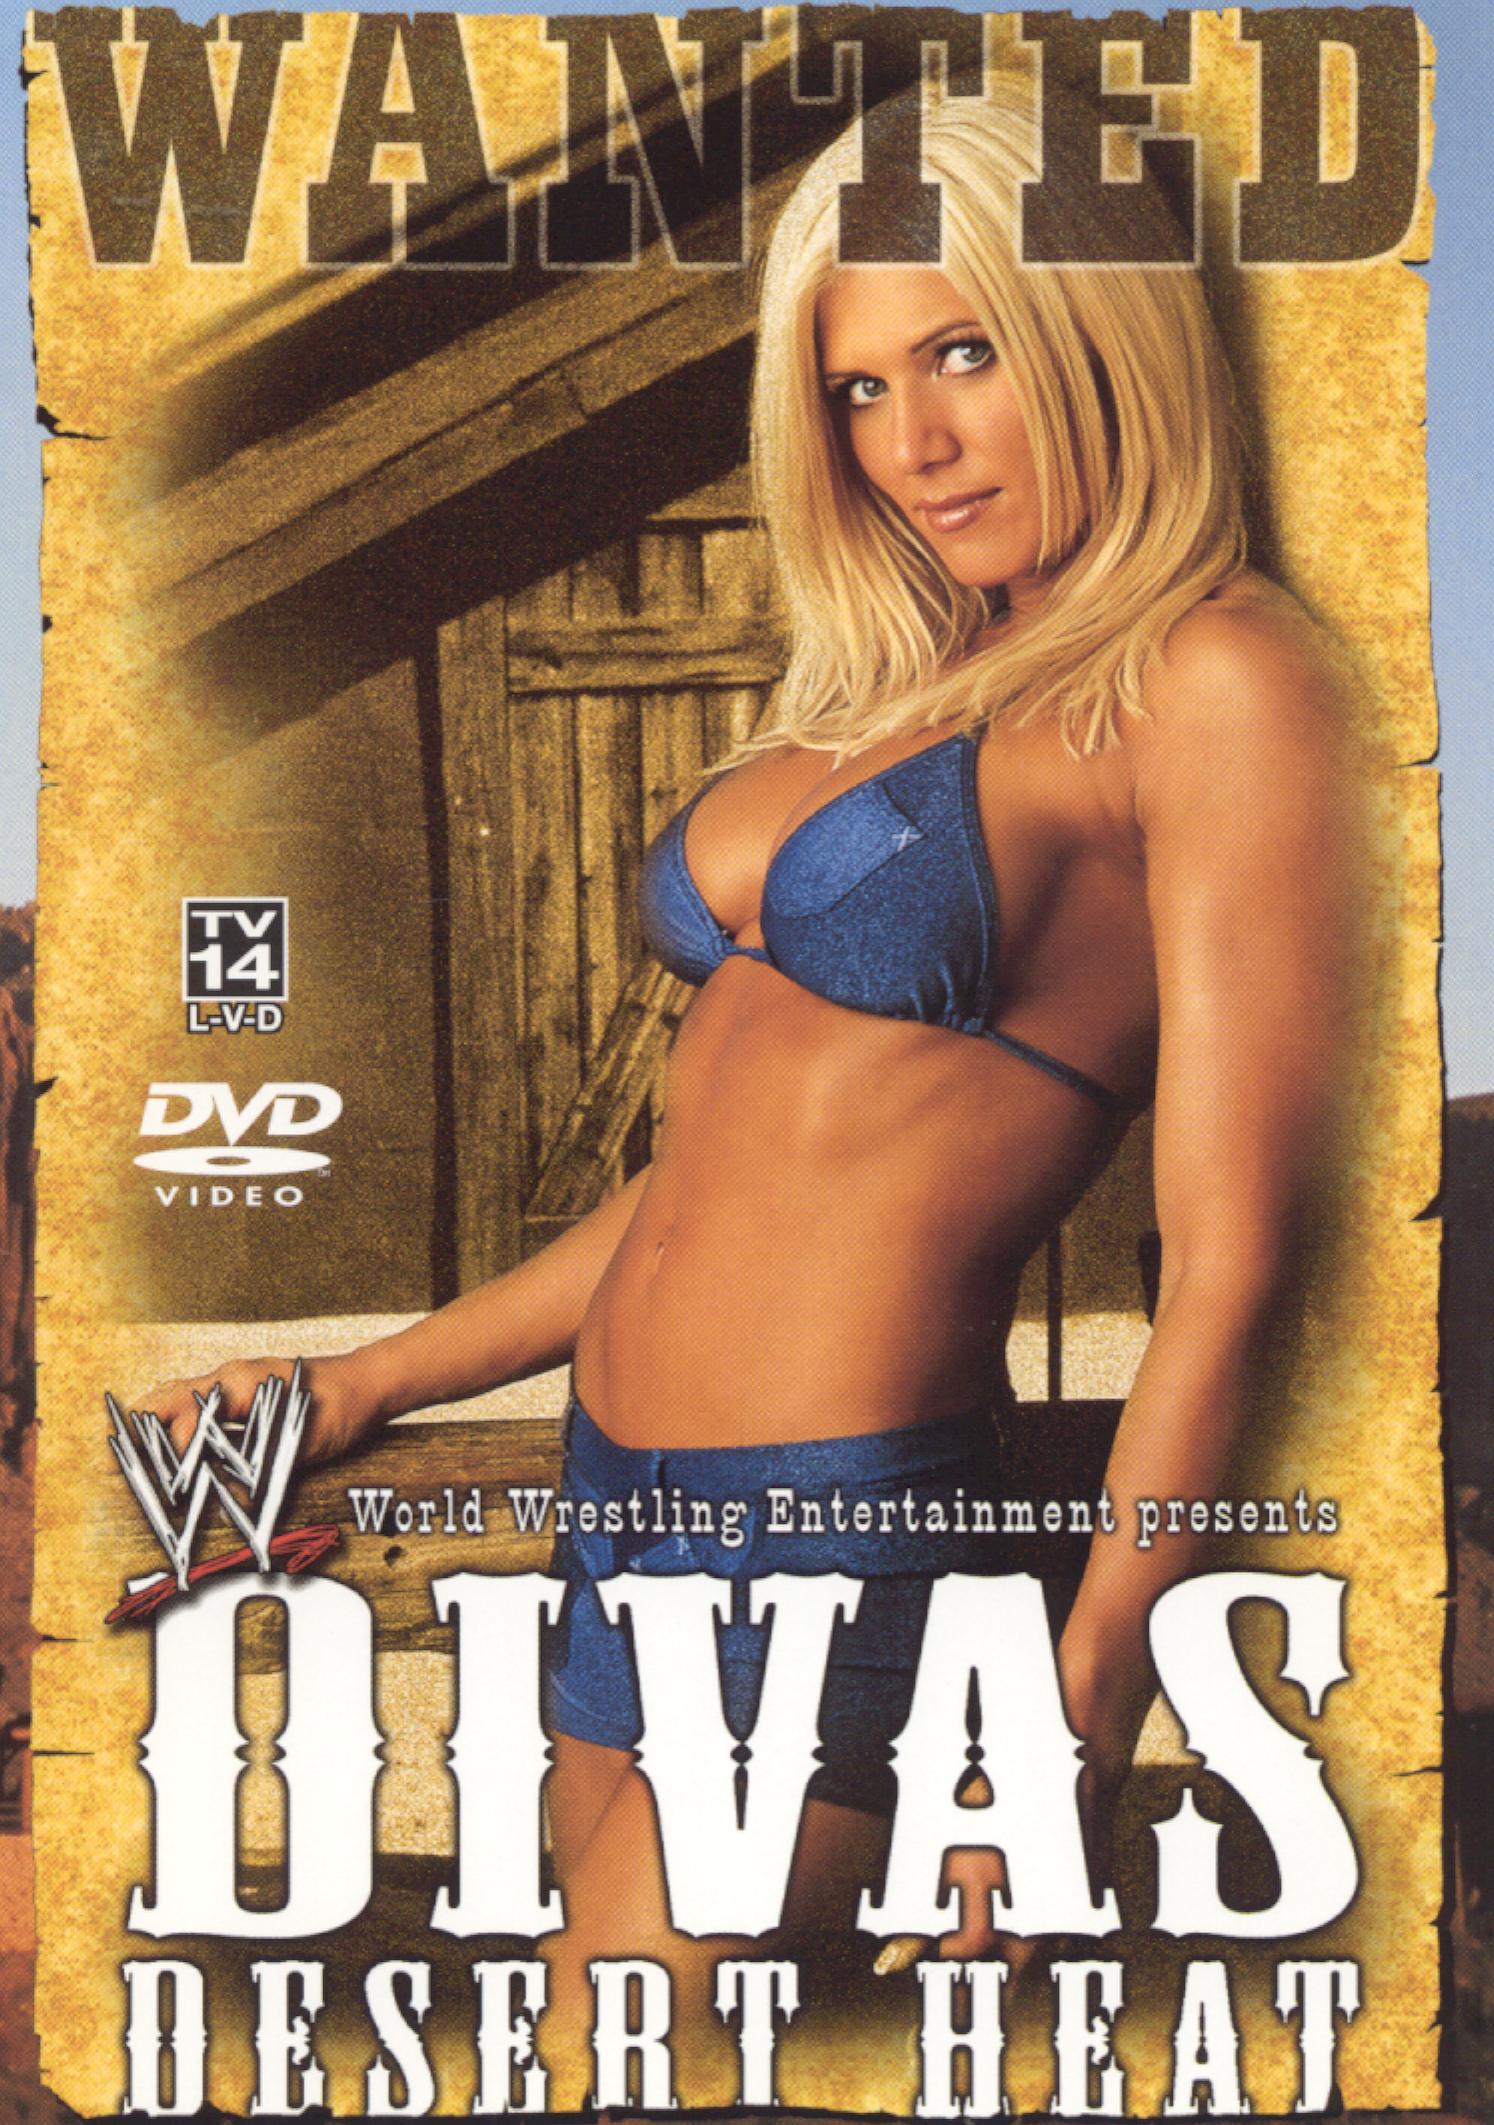 WWE: Divas - Desert Heat